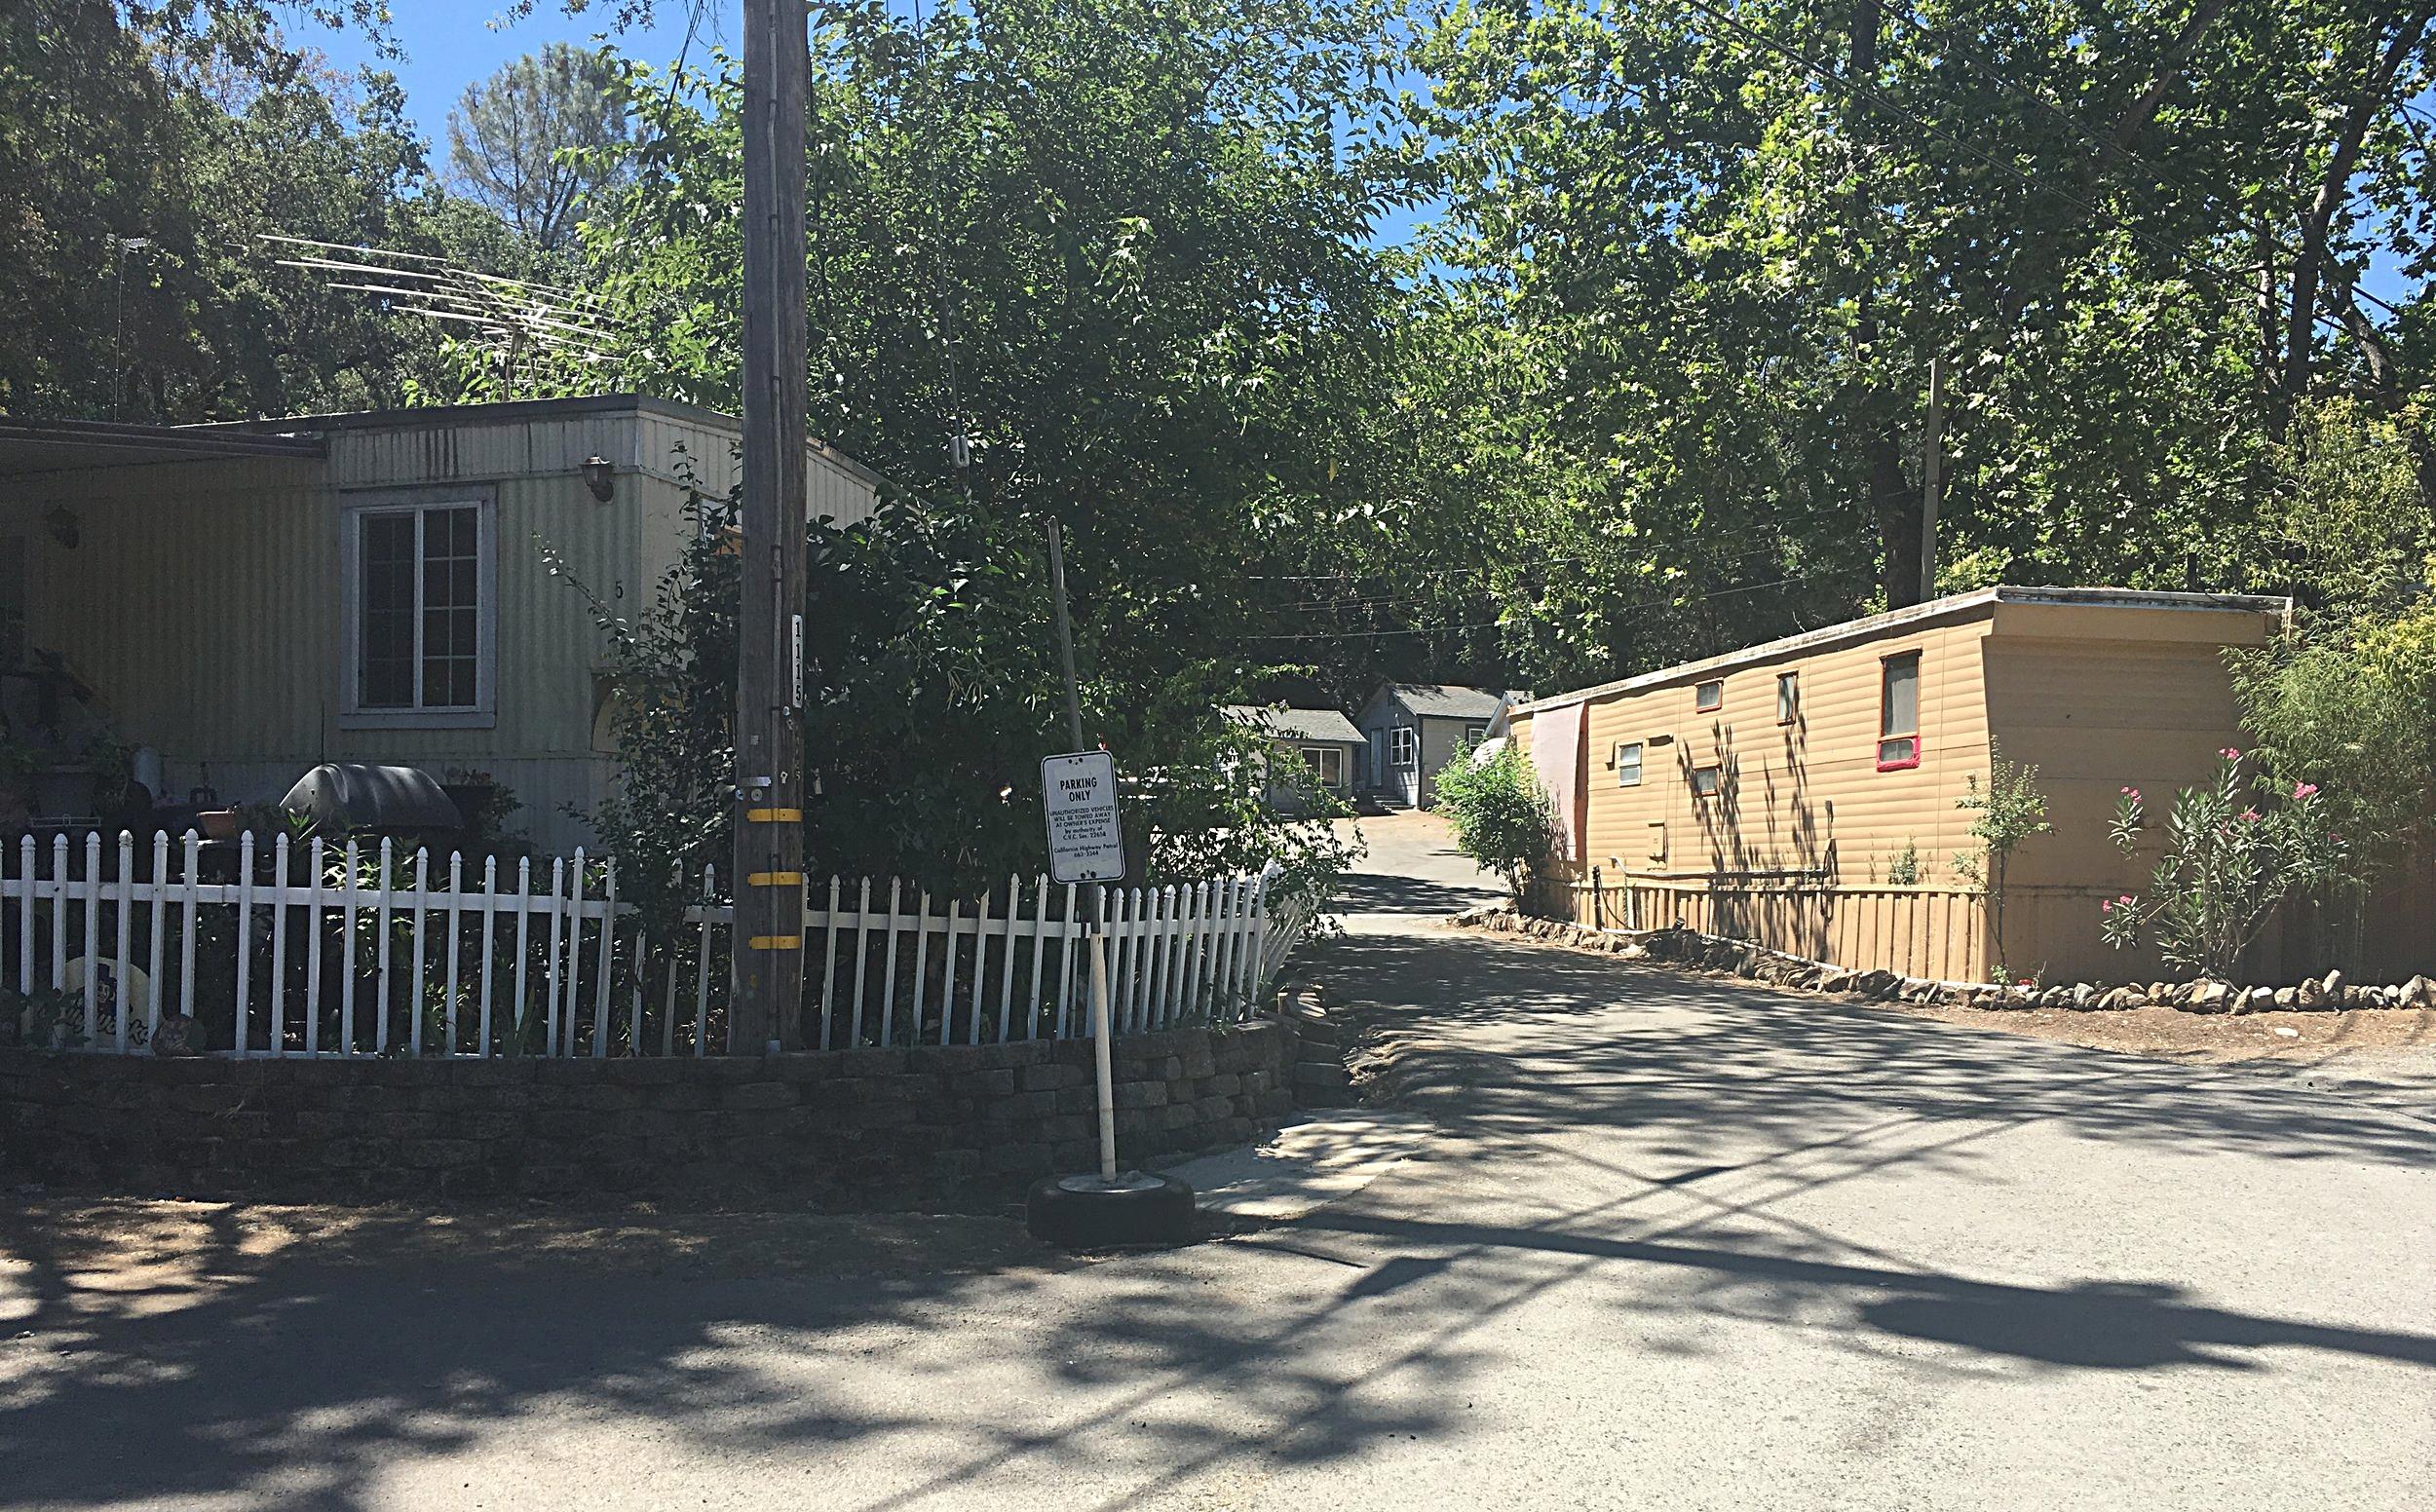 Auburn, CA 45 unit mobile home park